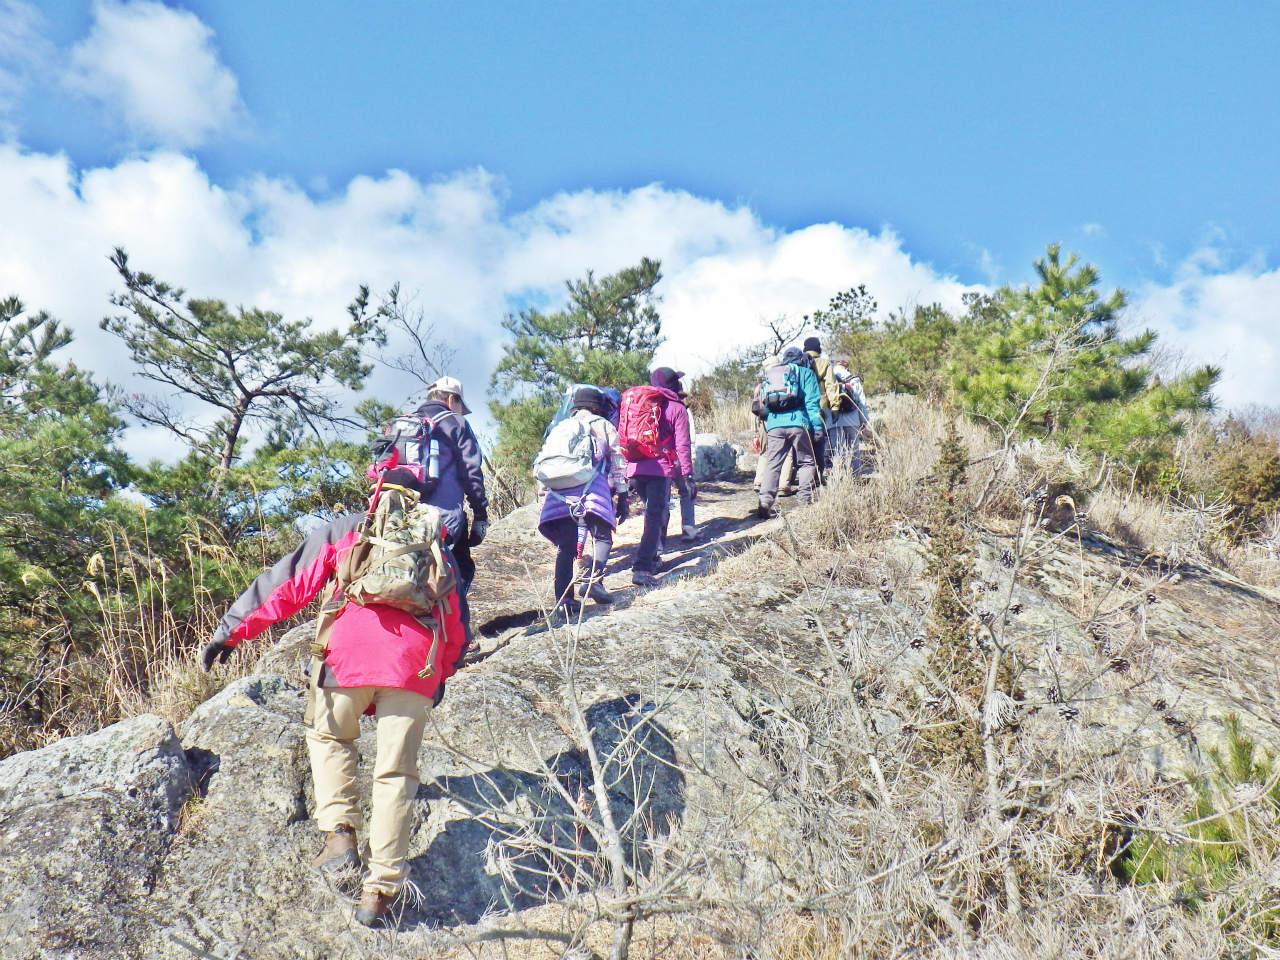 06b 稜線の岩場を登る